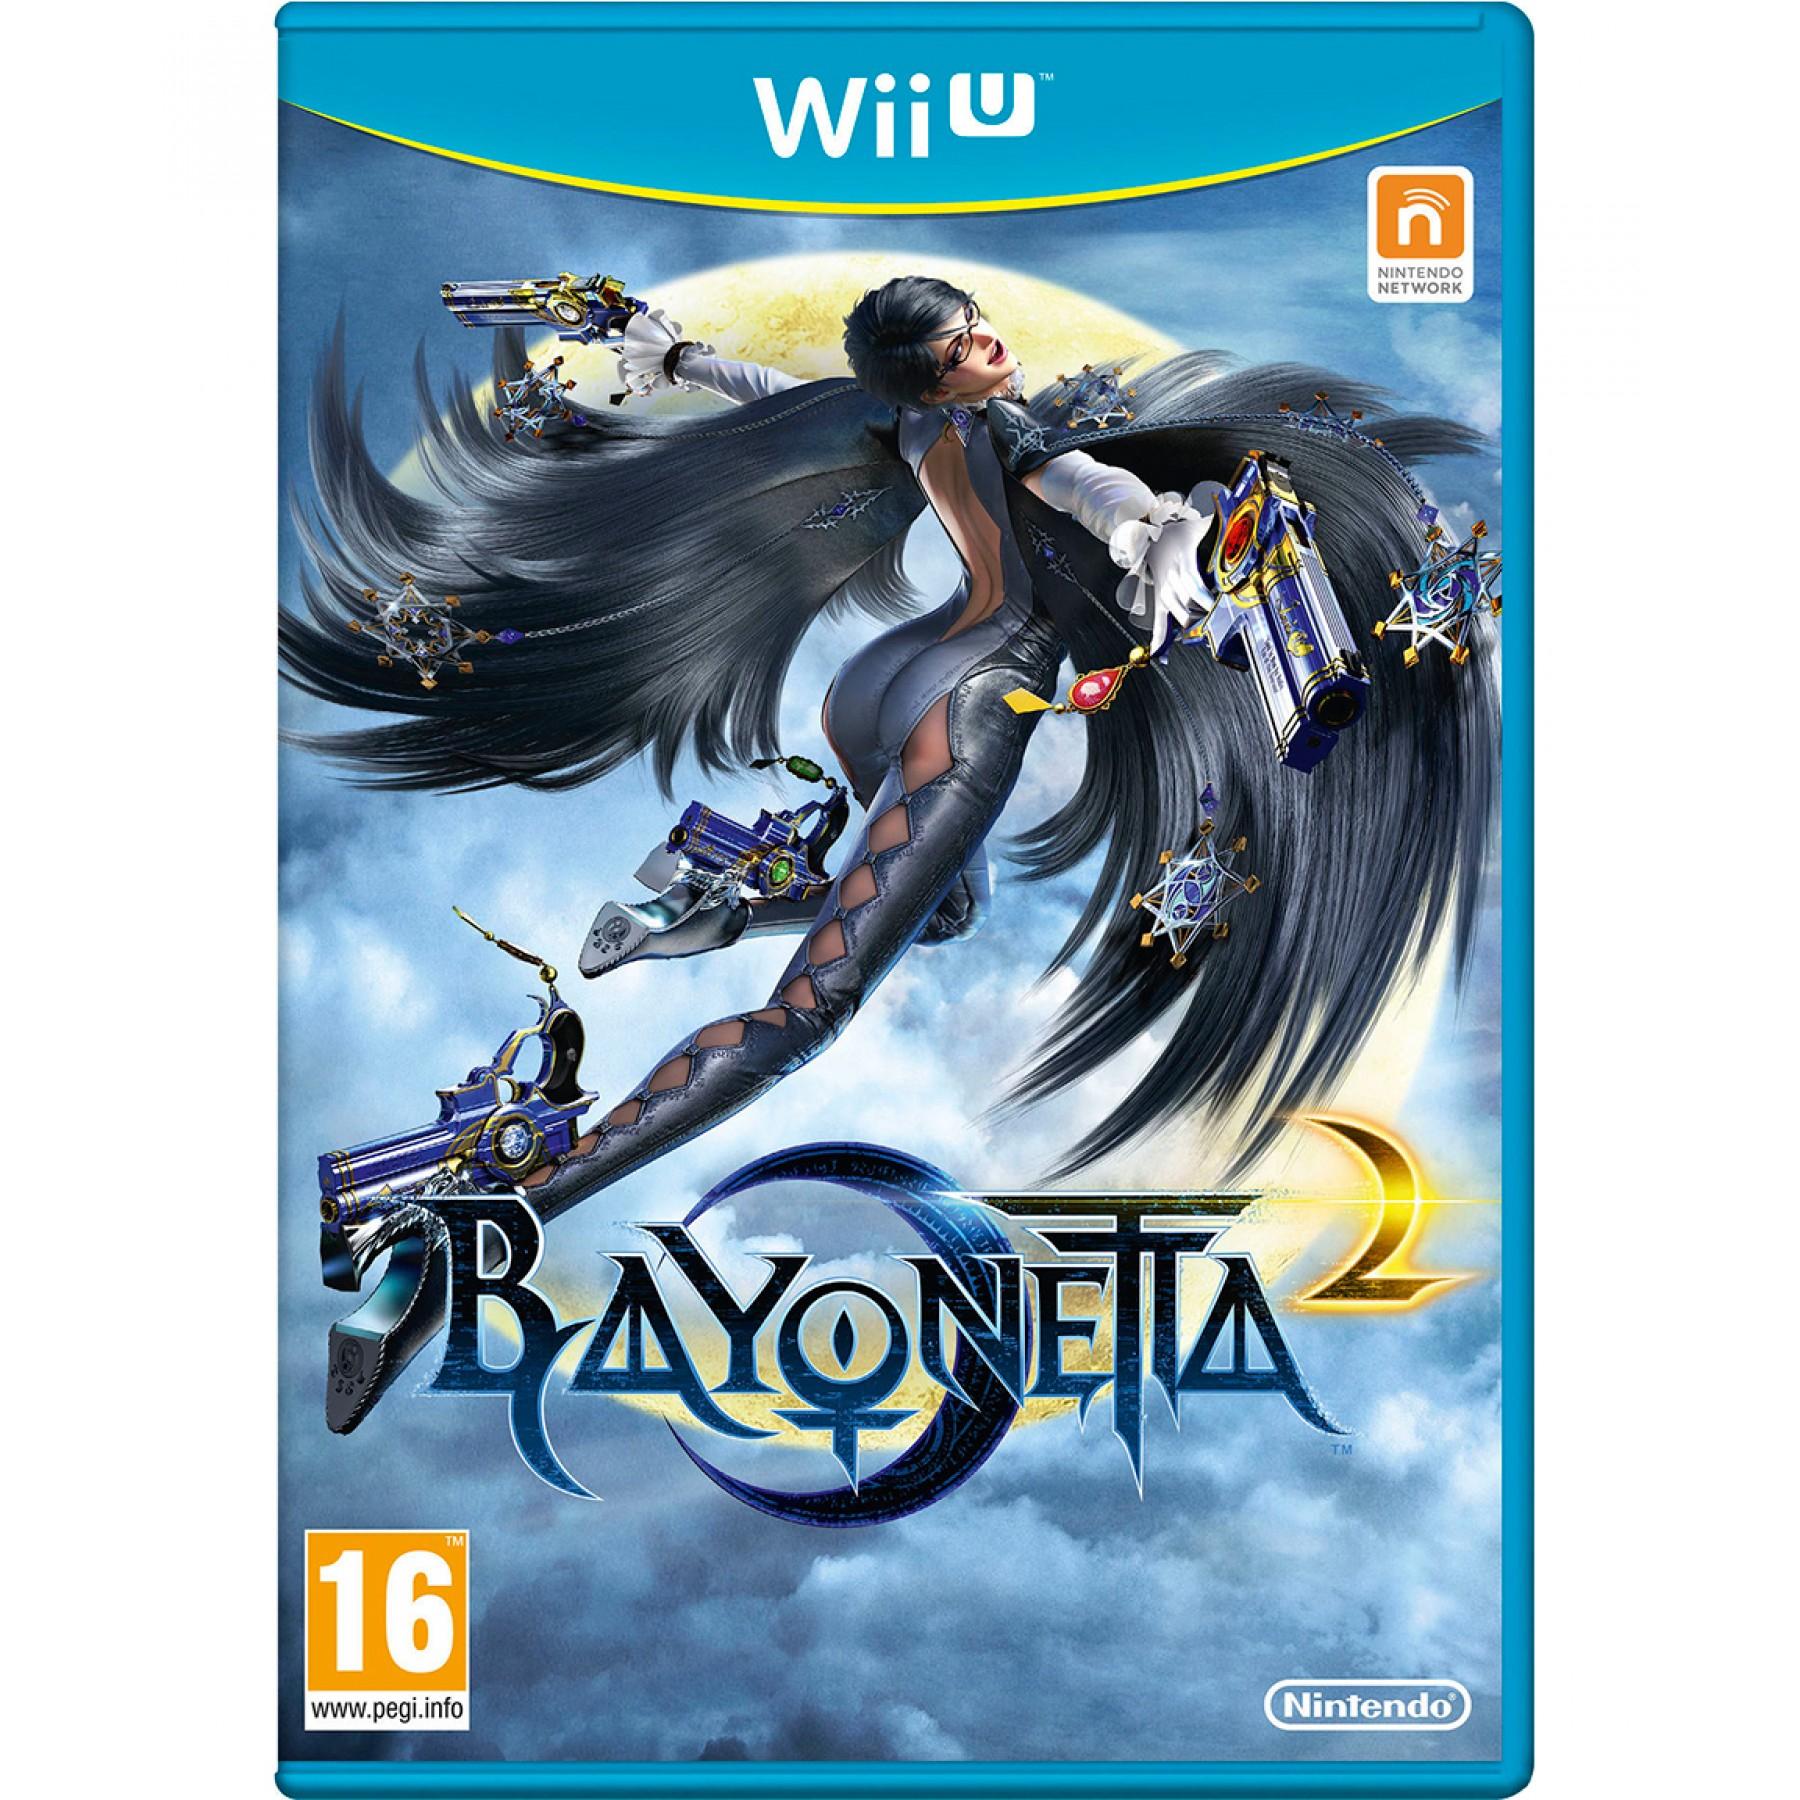 Ofertas Hot Sale Palacio de Hierro: Bayonetta 2 Wii U excelente precio + paga con puntos palacio al doble.